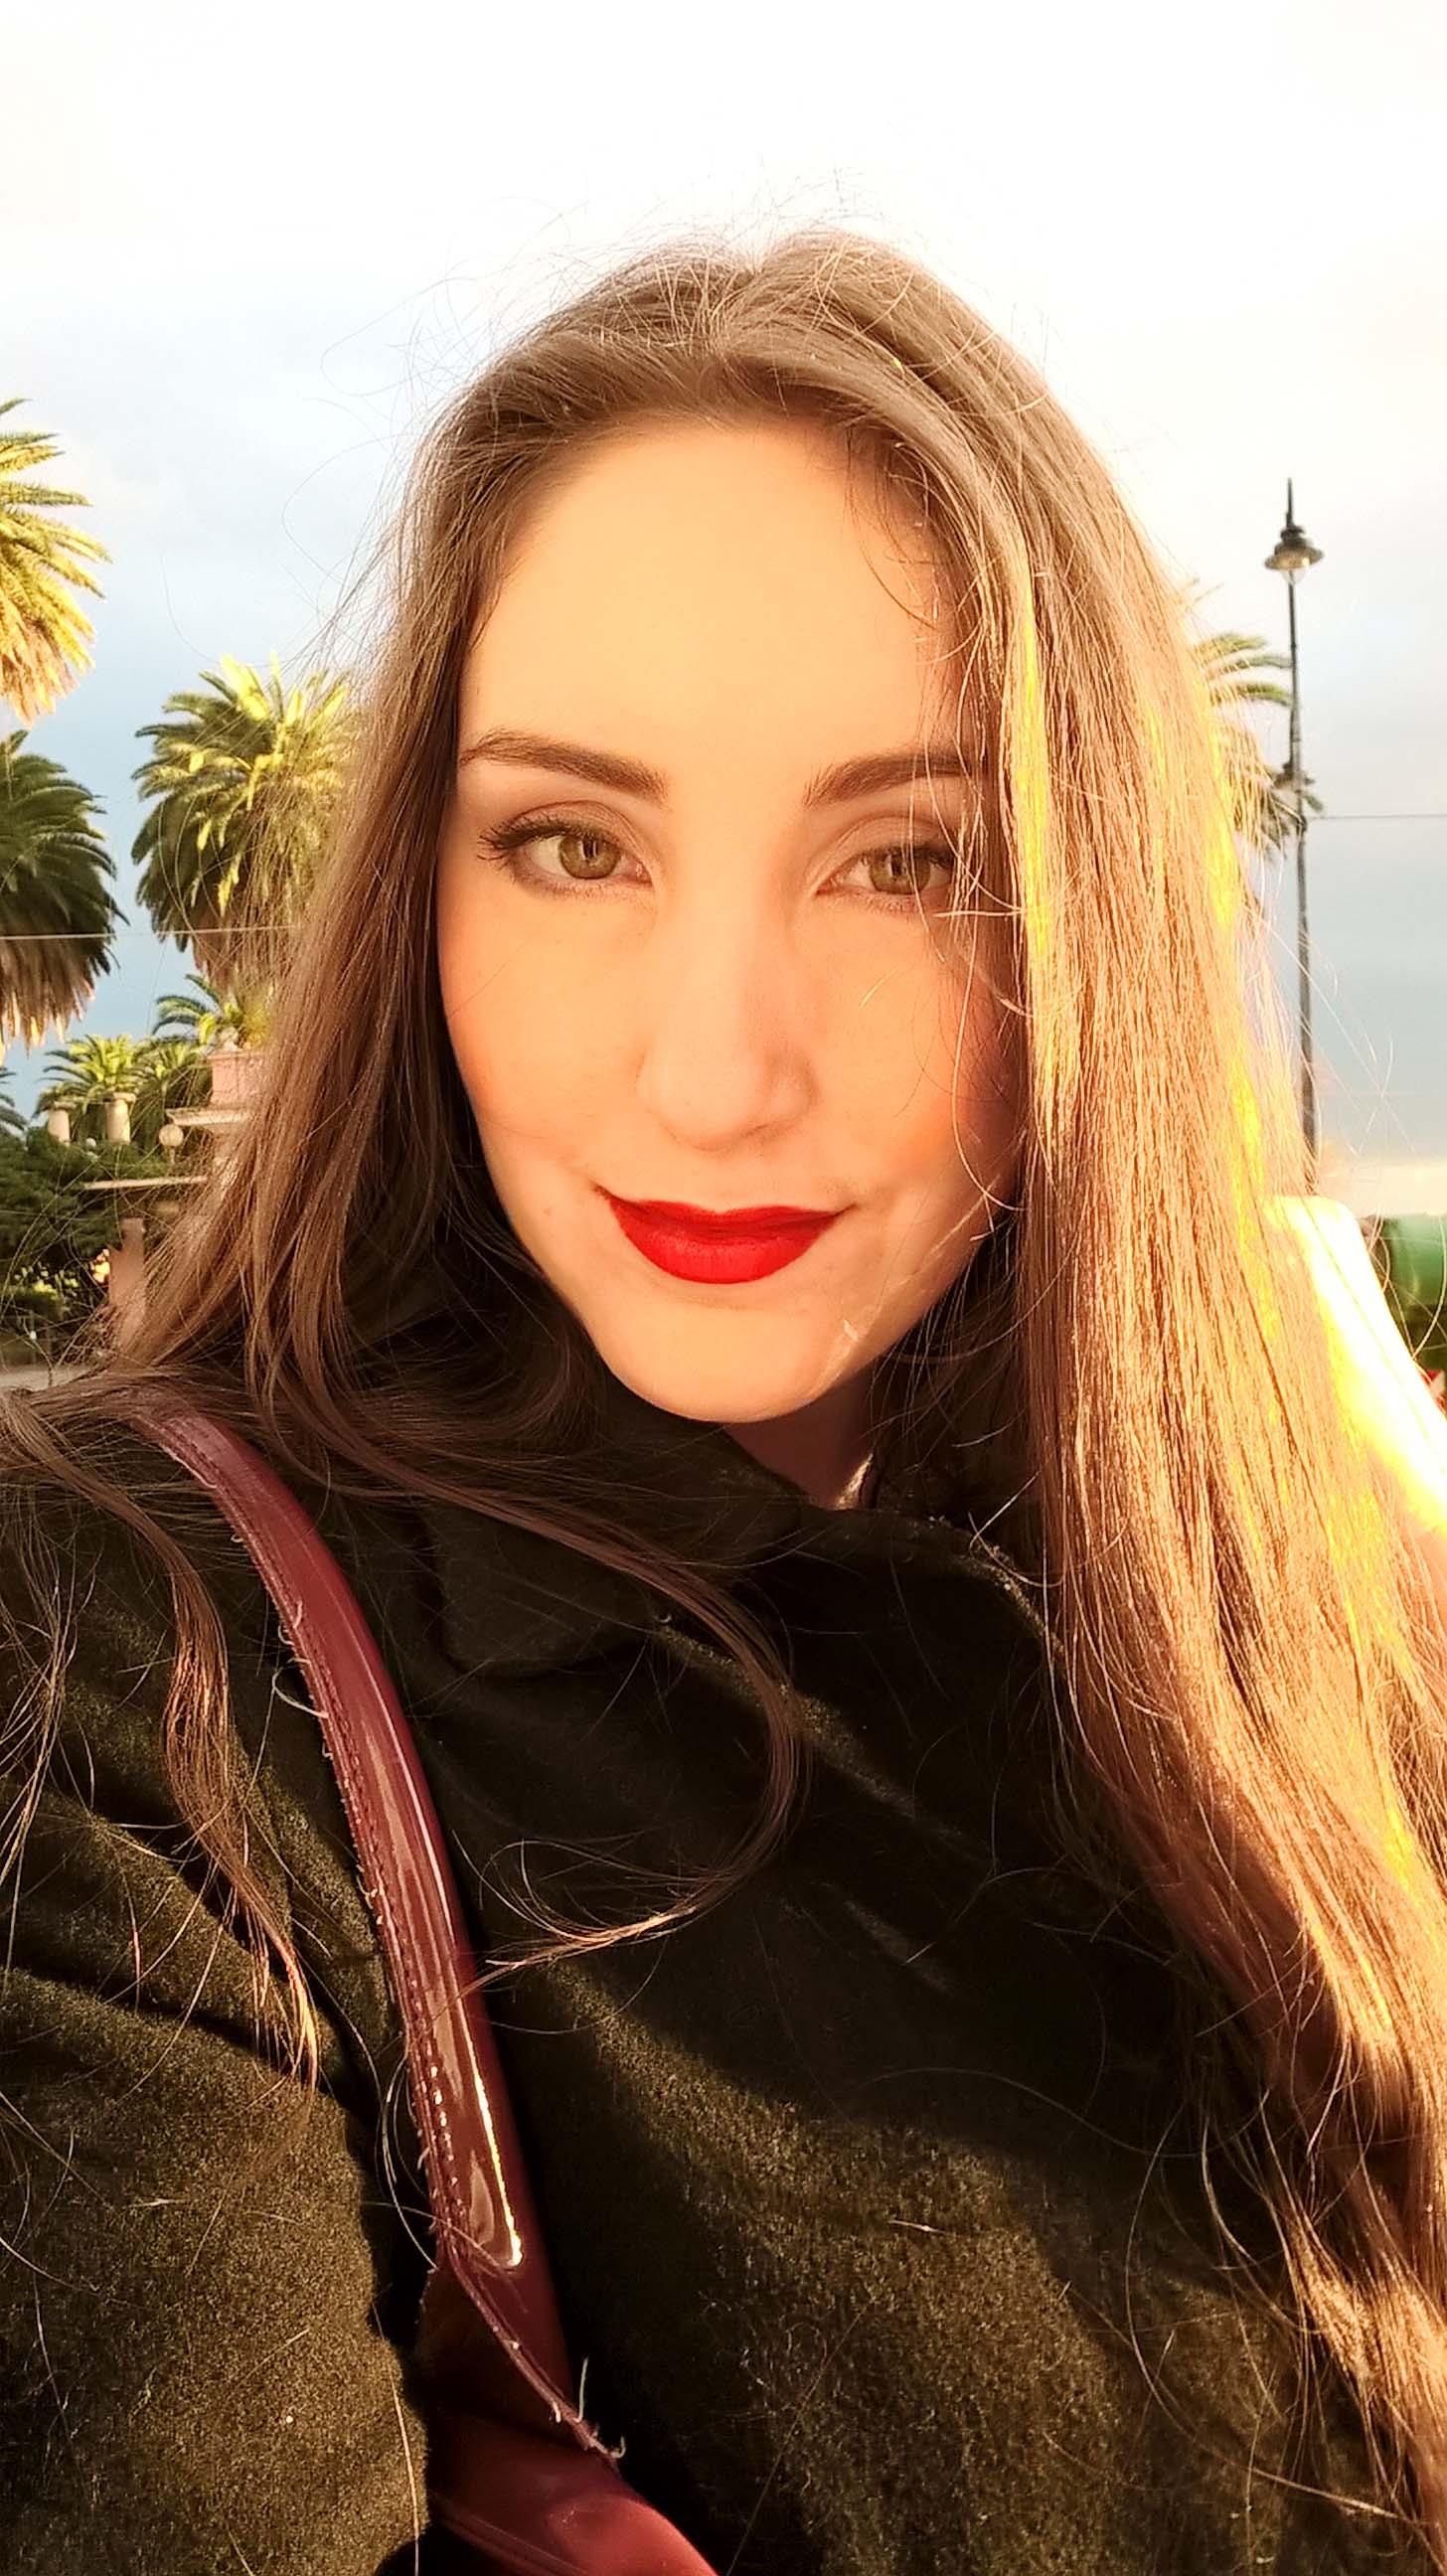 Chiara92